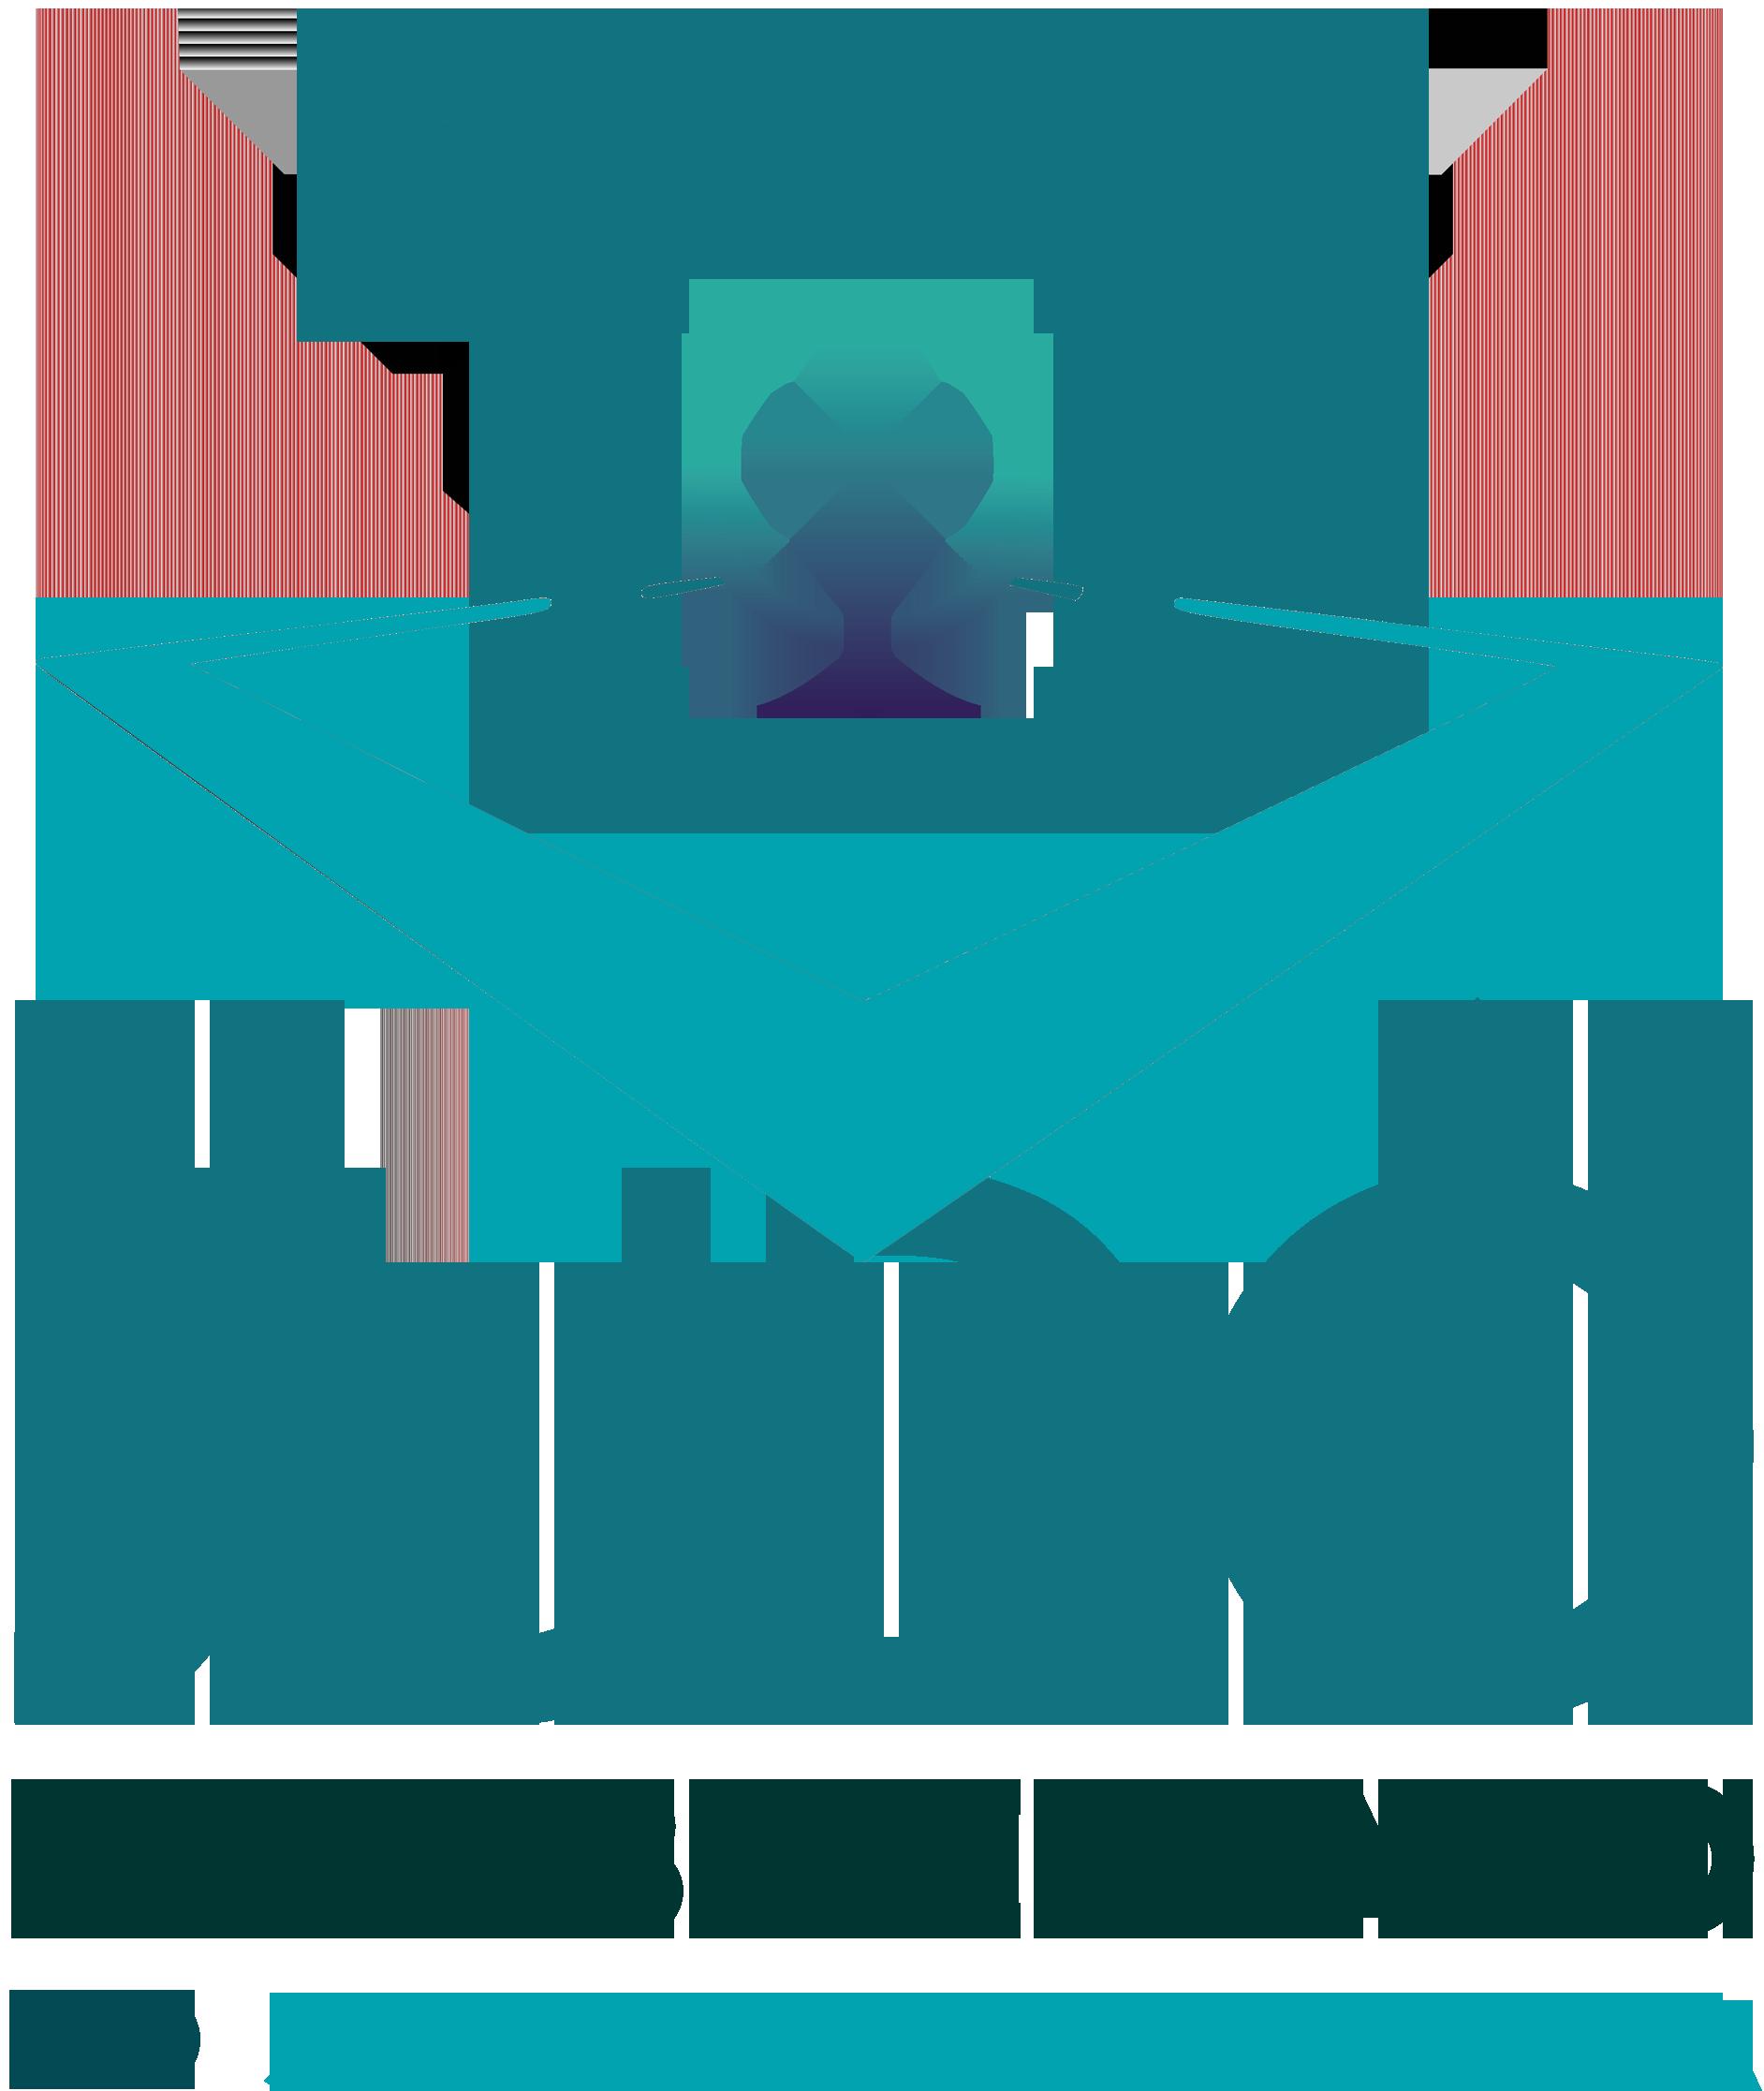 Logotipo JUDO IPJG